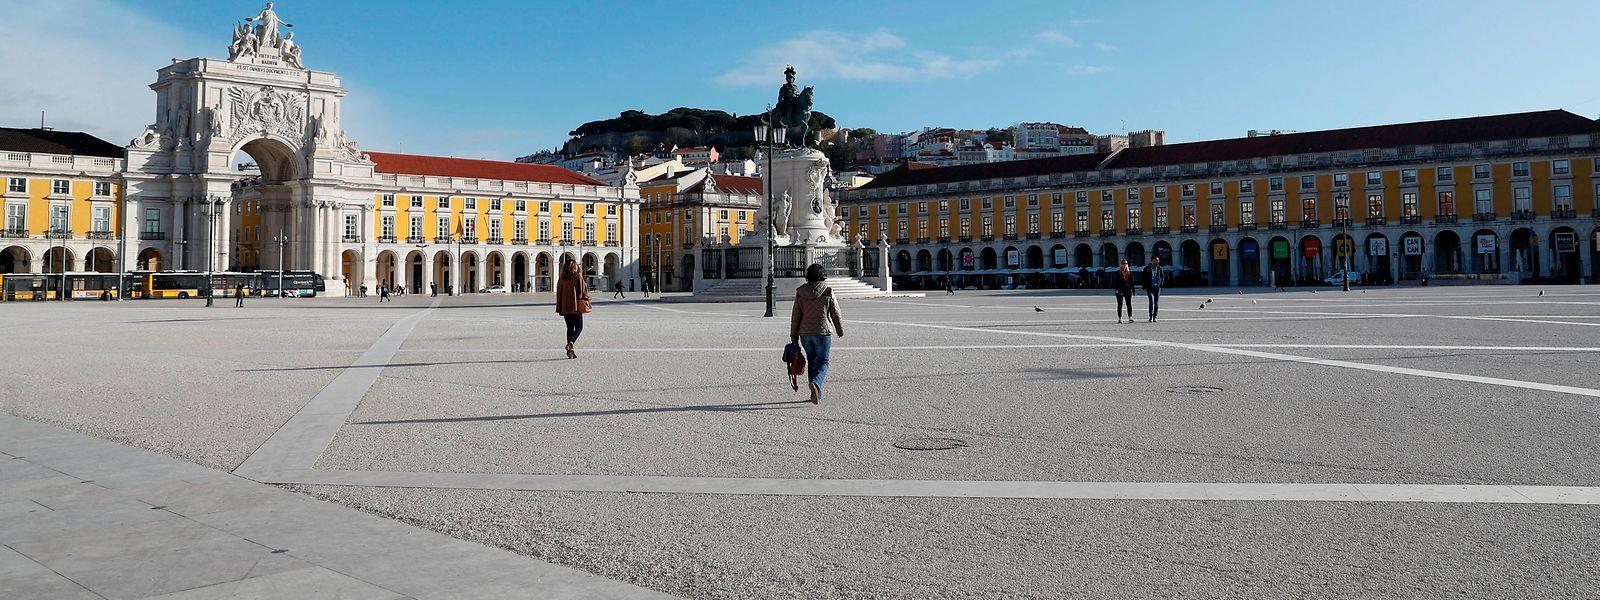 A Praça do Comércio, um dos pontos mais turísticos da capital lisboeta encontrava-se quase deserta na manhã desta segunda-feira, 16 de março.